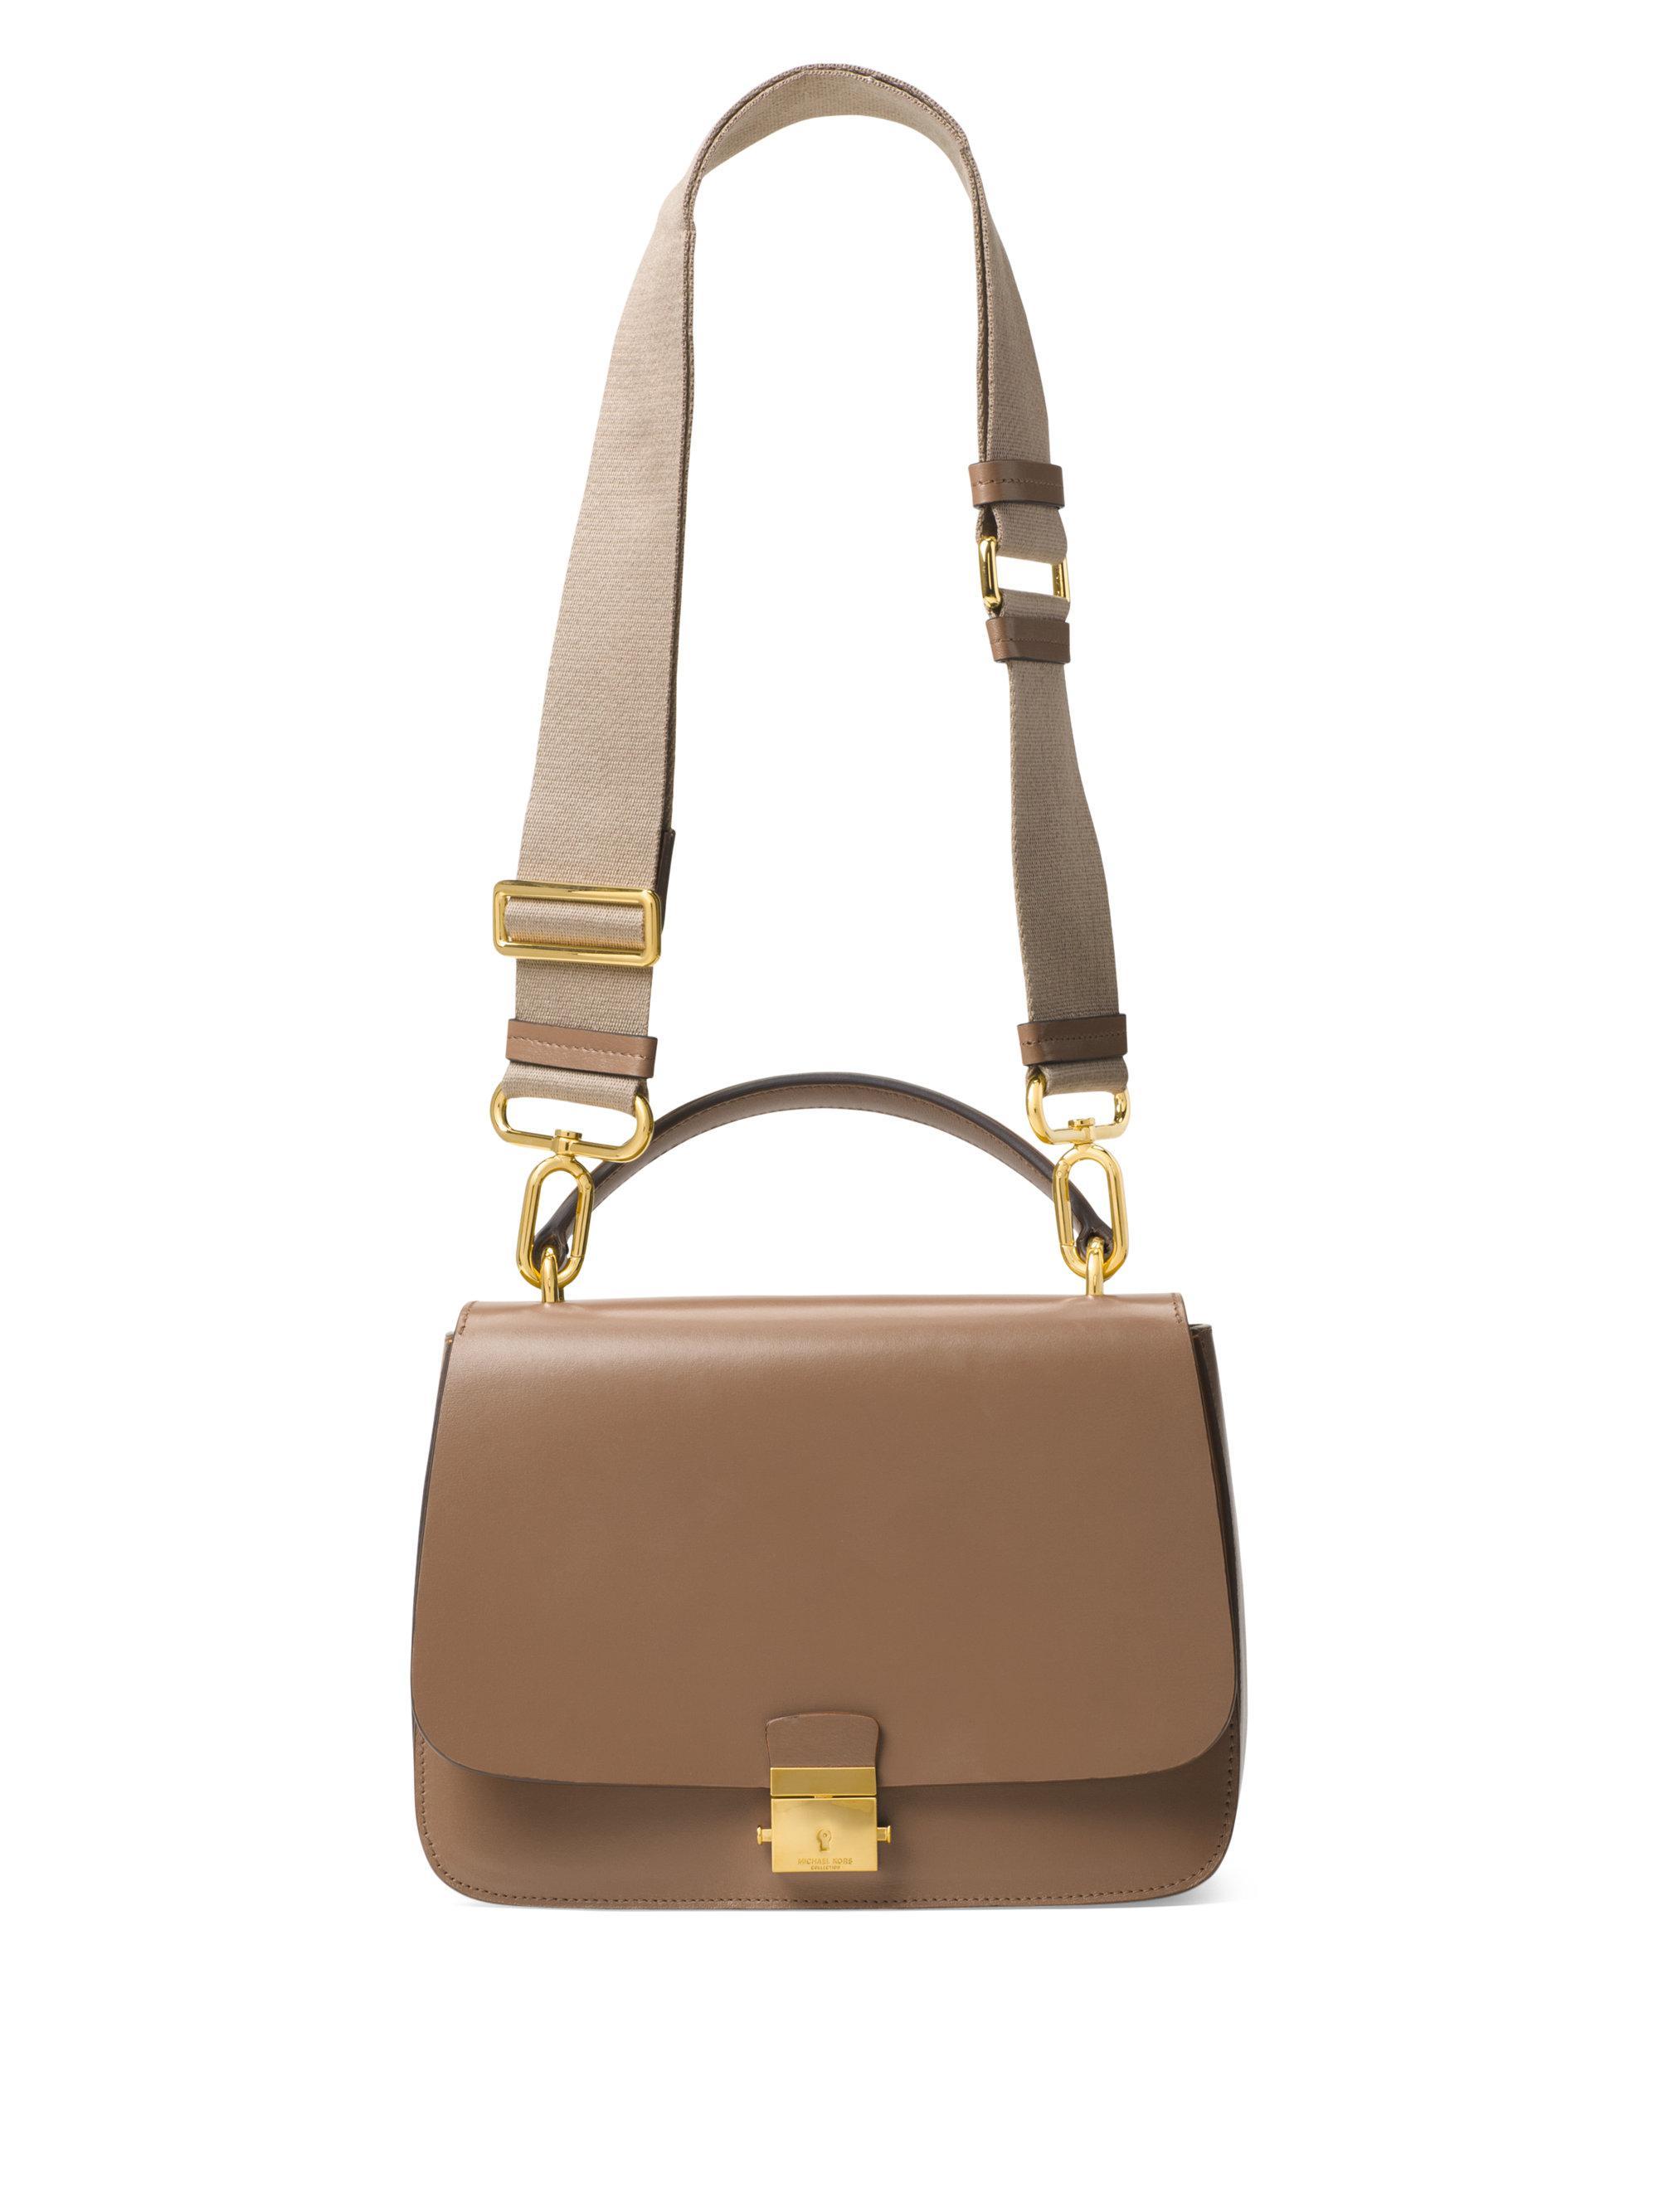 8da3c8db886d1 Lyst - Michael Kors Mia Leather Top Handle Shoulder Bag